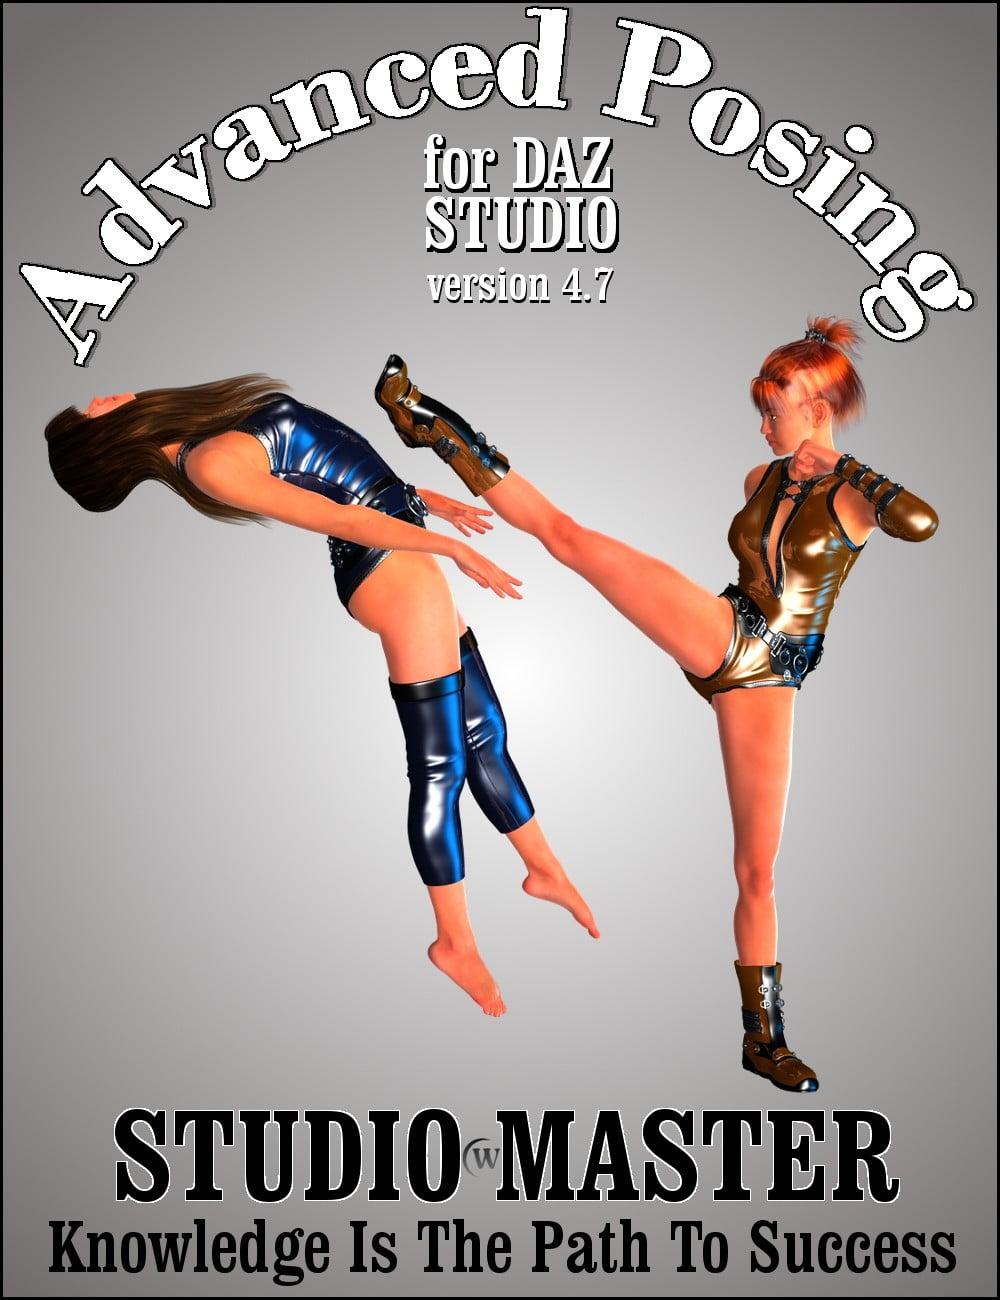 STUDIO*MASTER: Advanced Posing in DAZ Studio 4.7